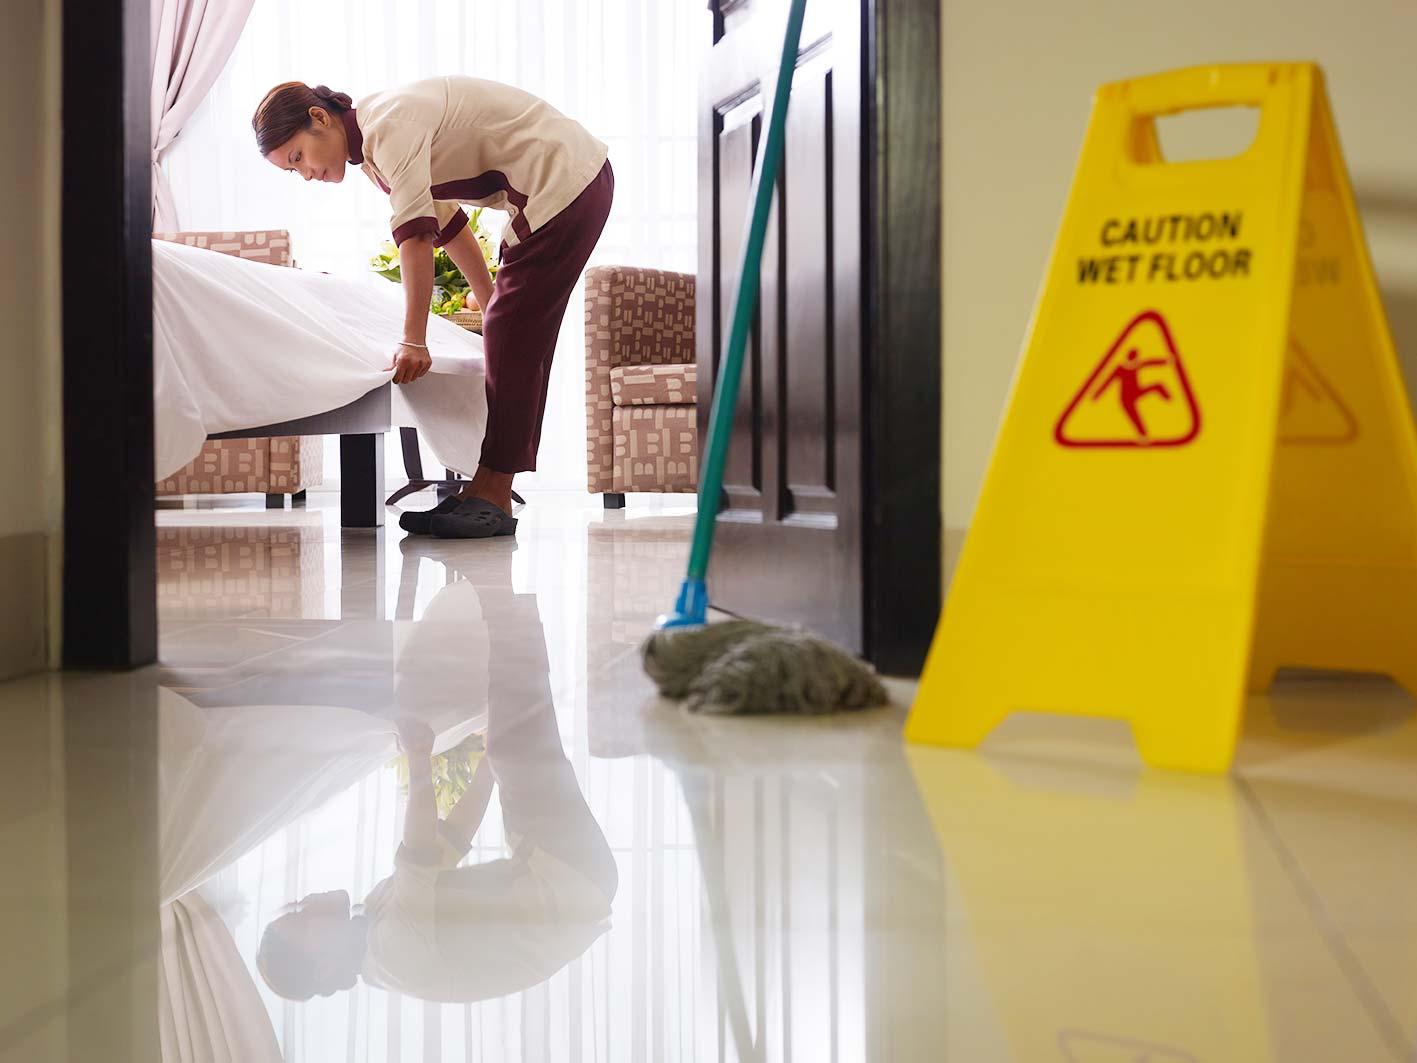 Prodotti per pulire camere d 39 hotel totalmente naturali for Scopa h2o recensioni